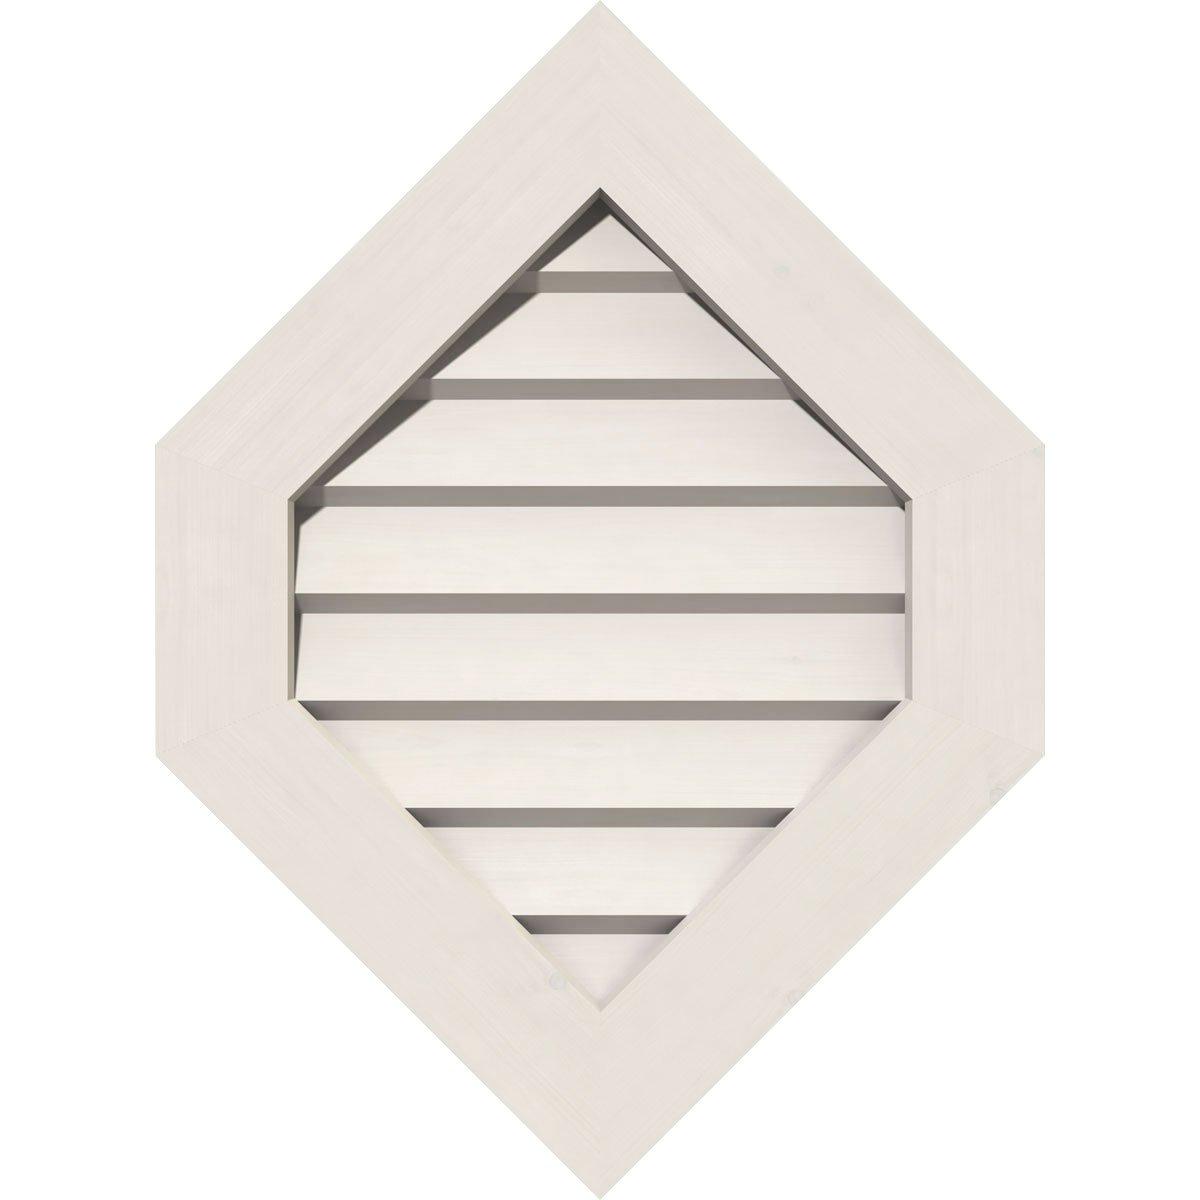 Ekena Millwork GVPVP12X1601DUN-09 Pvc Gable Vent, 12'' W x 16'' H (17'' W x 21'' H Frame Size) 9/12 Pitch, White